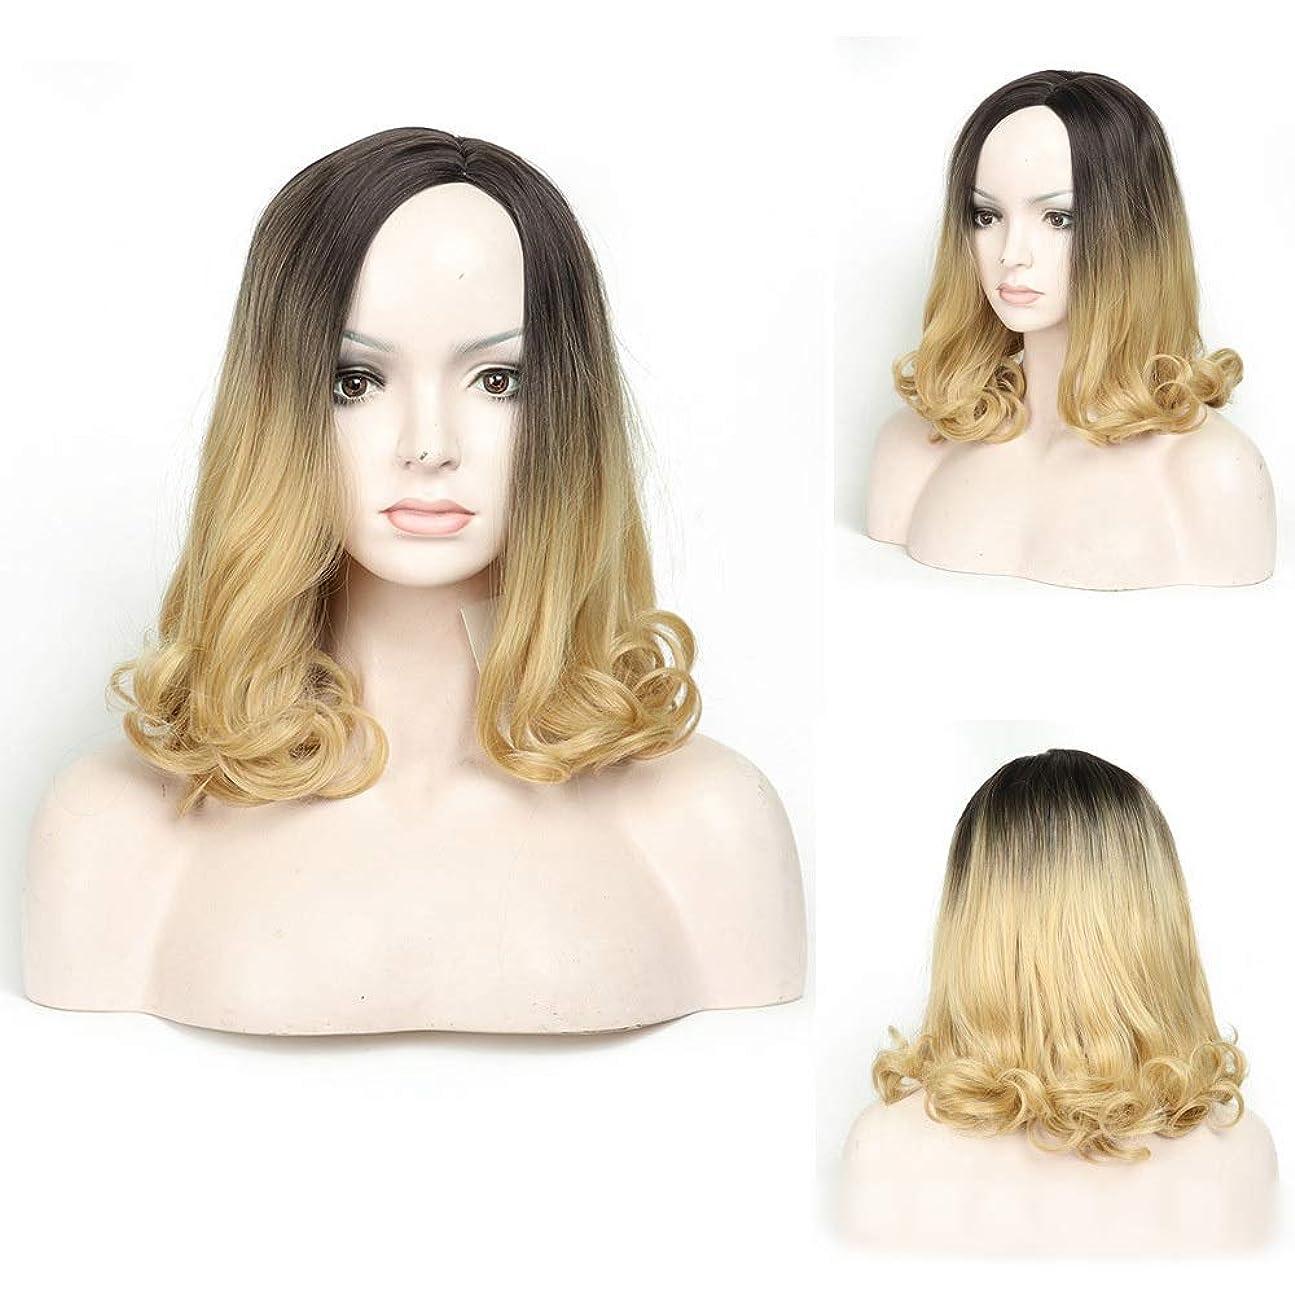 落胆した軽く最少Mayalina 肩の長さの実体波かつらファッション黒ルーズグラデーションブロンドナチュラルカーリーウィッグ女性のための毎日のコスプレドレスパーティーかつら (色 : Blonde, サイズ : 14 inch)